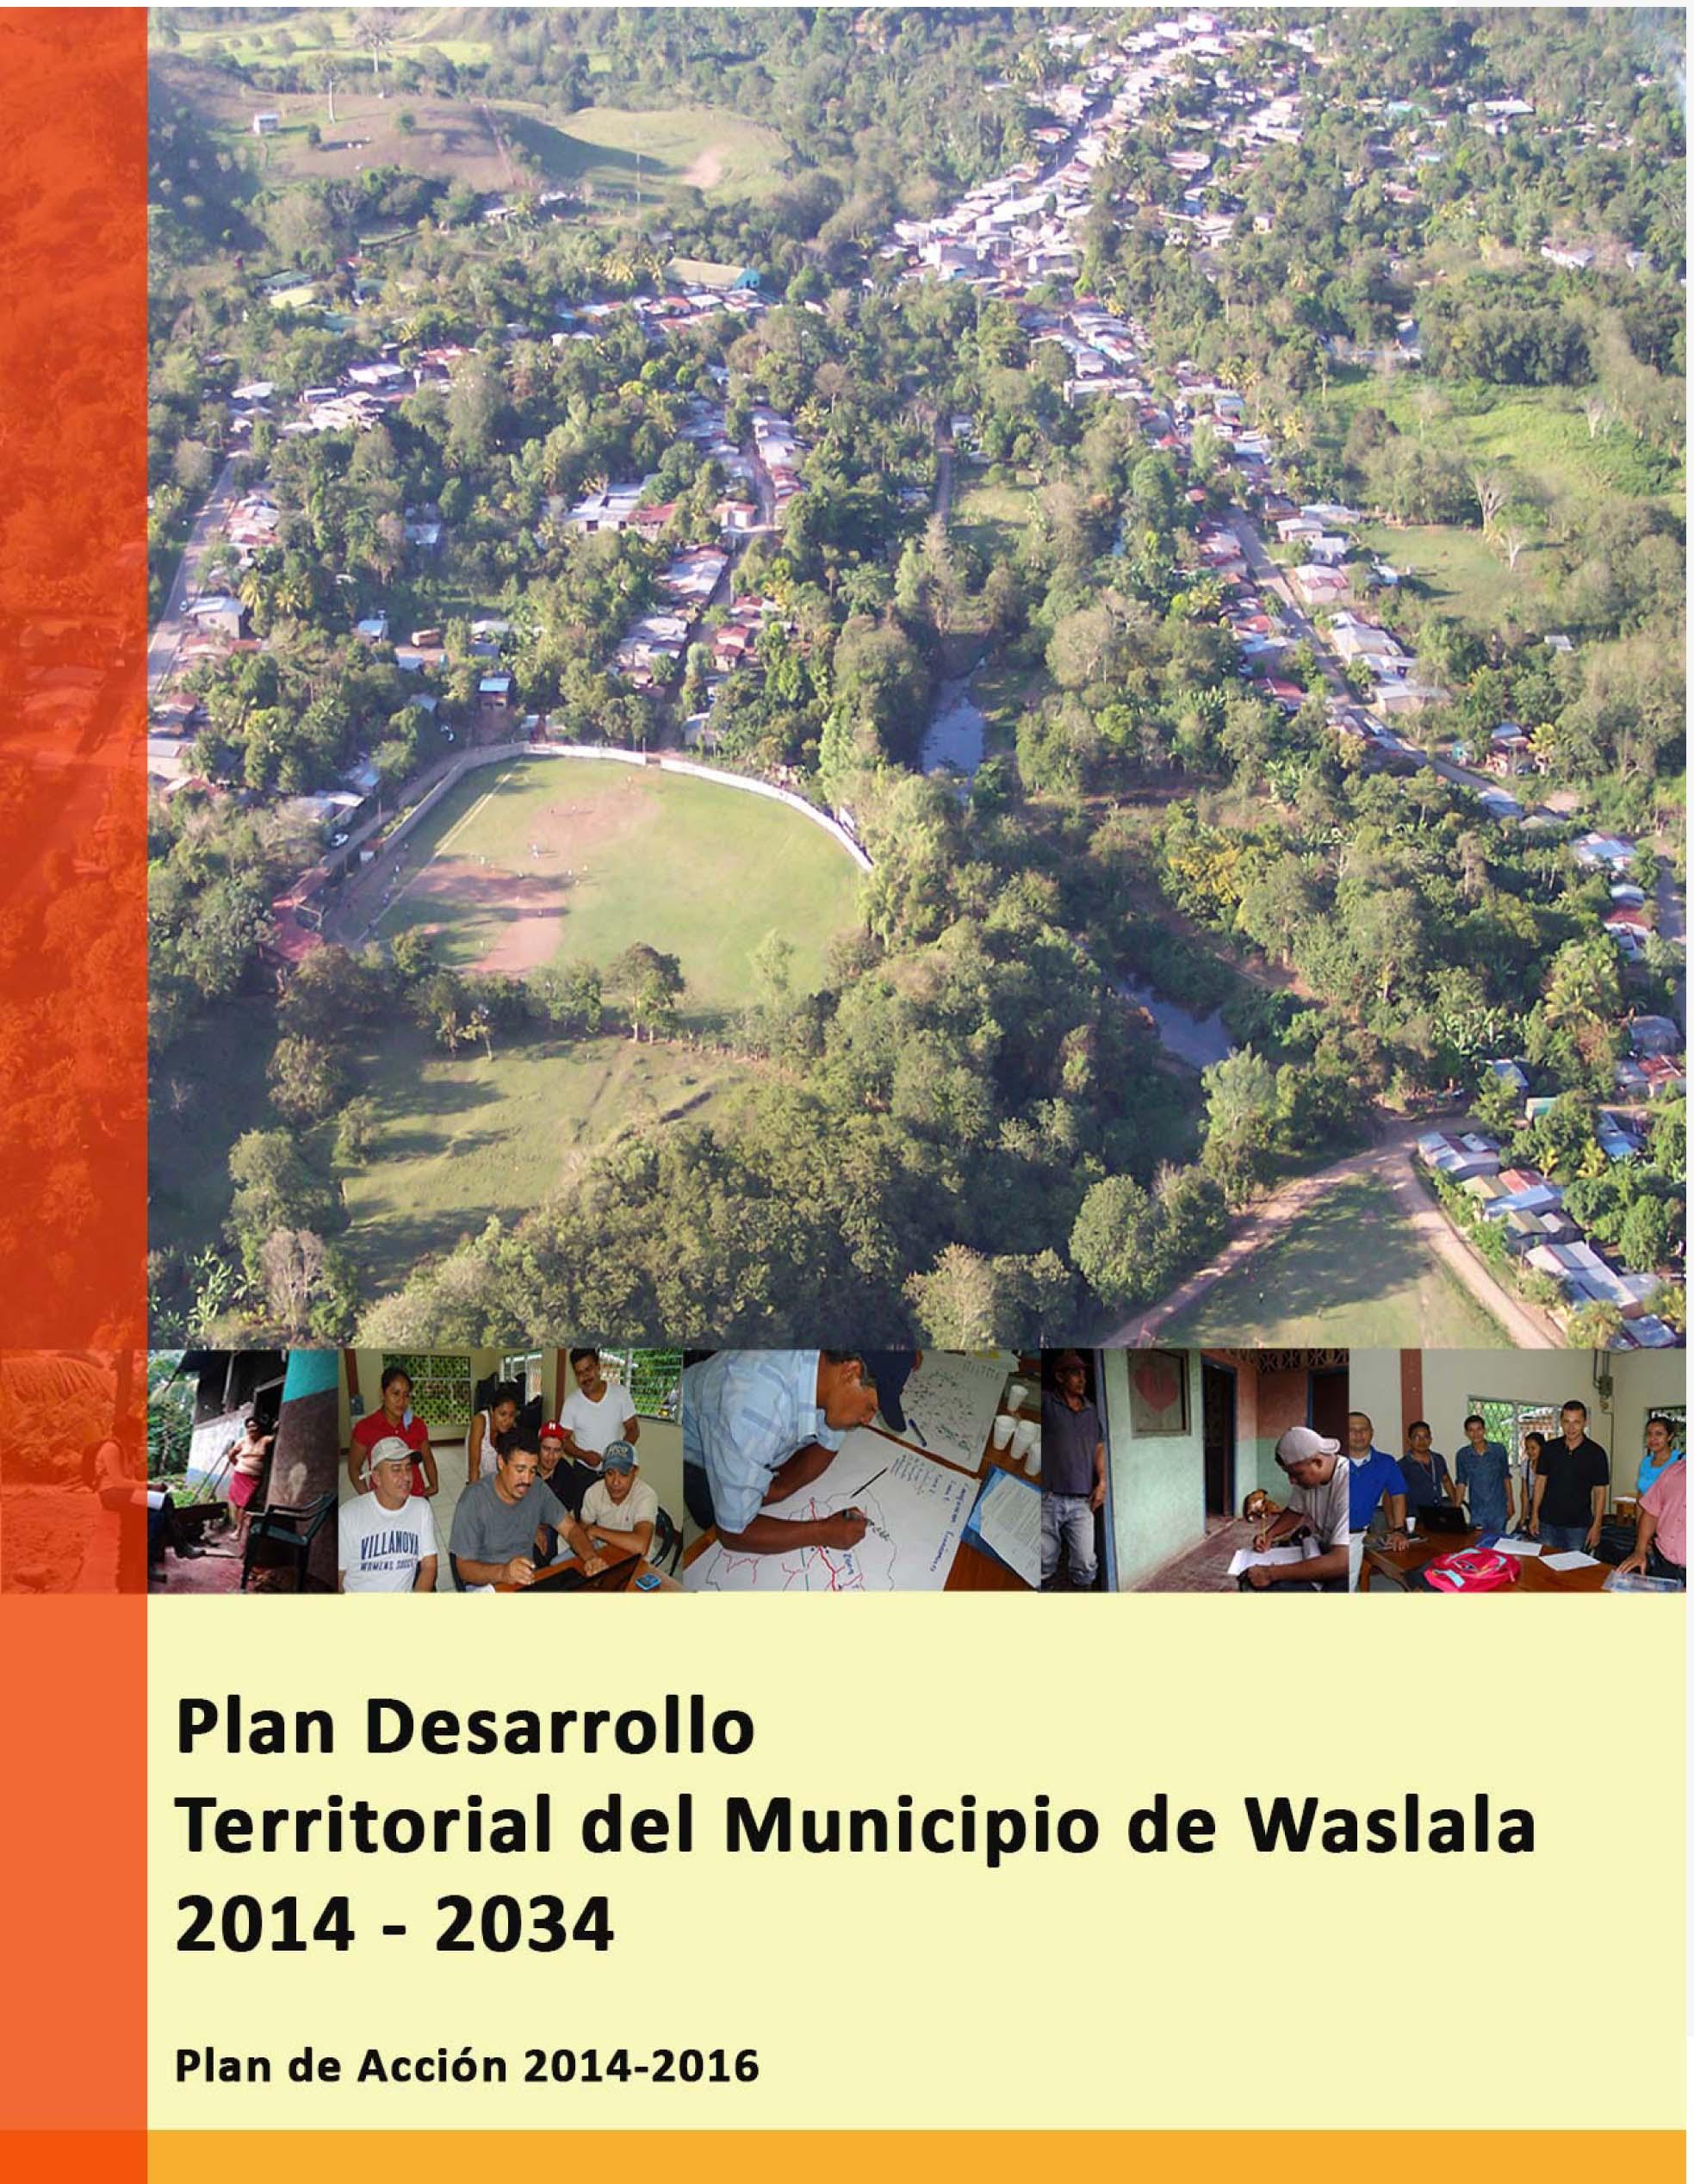 Plan de desarrollo territorial en Waslala - Nicaragua Image principale